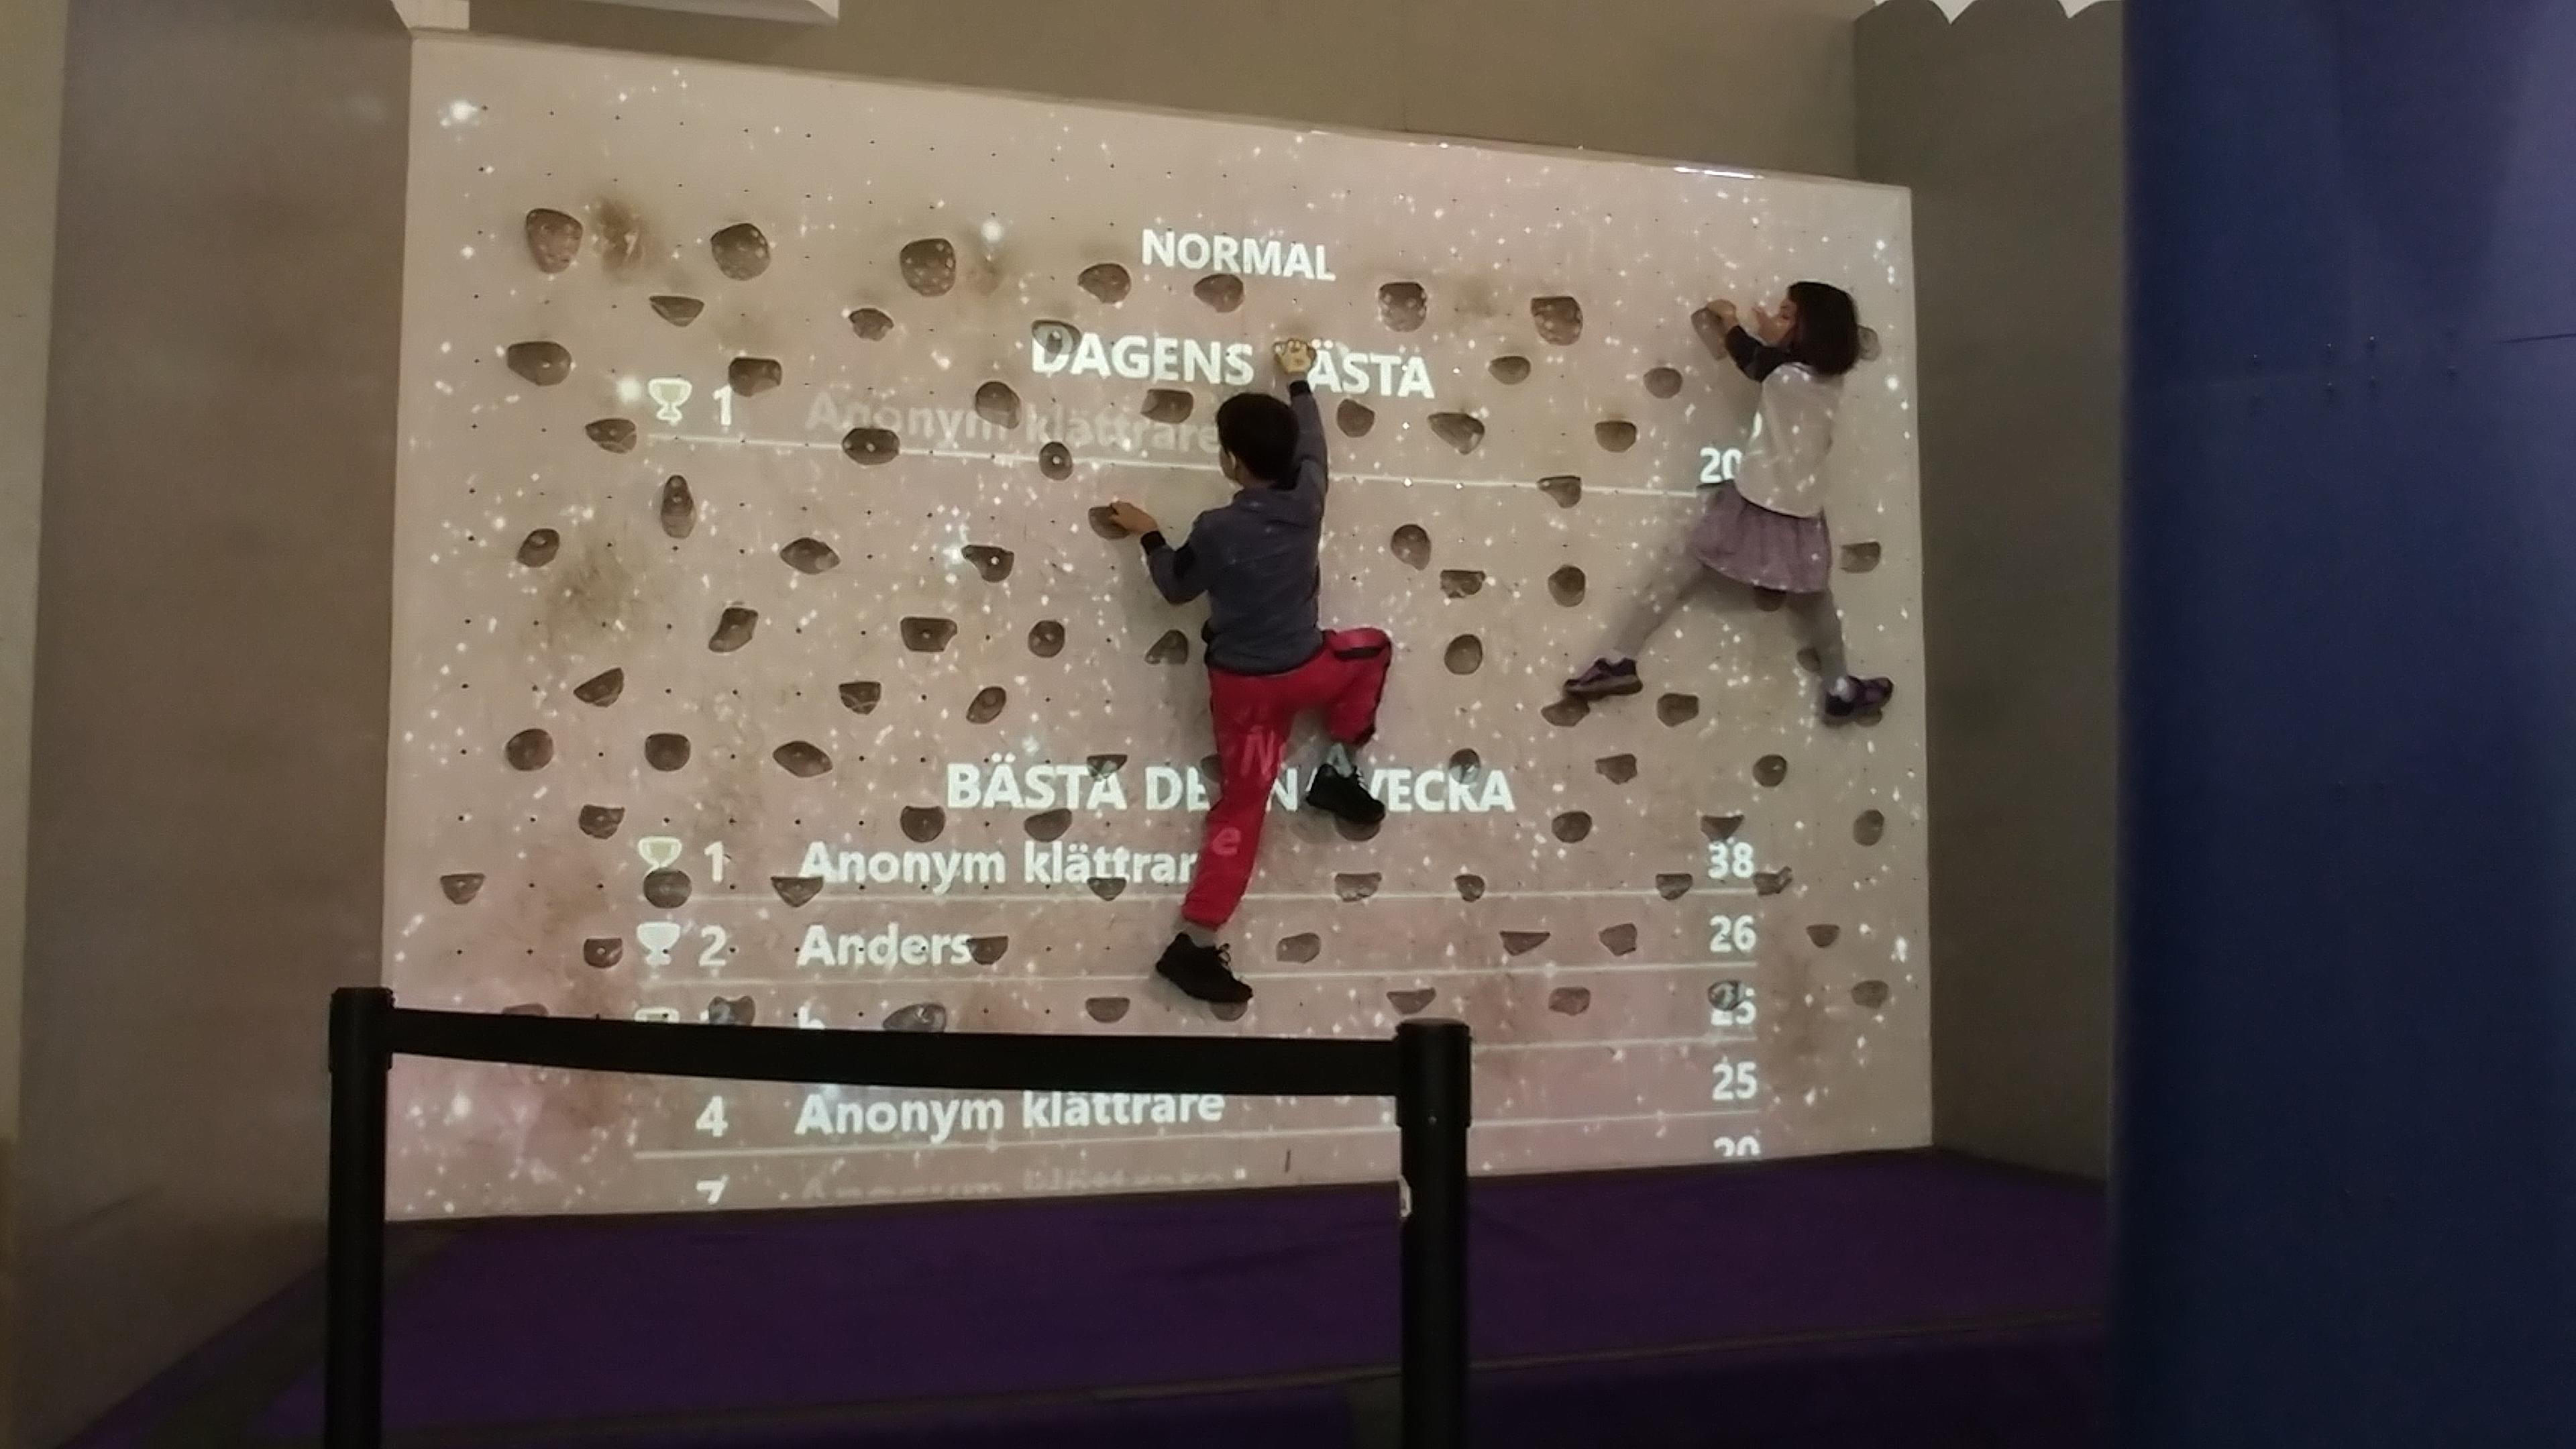 Climbing Wall at Tekniska Museet